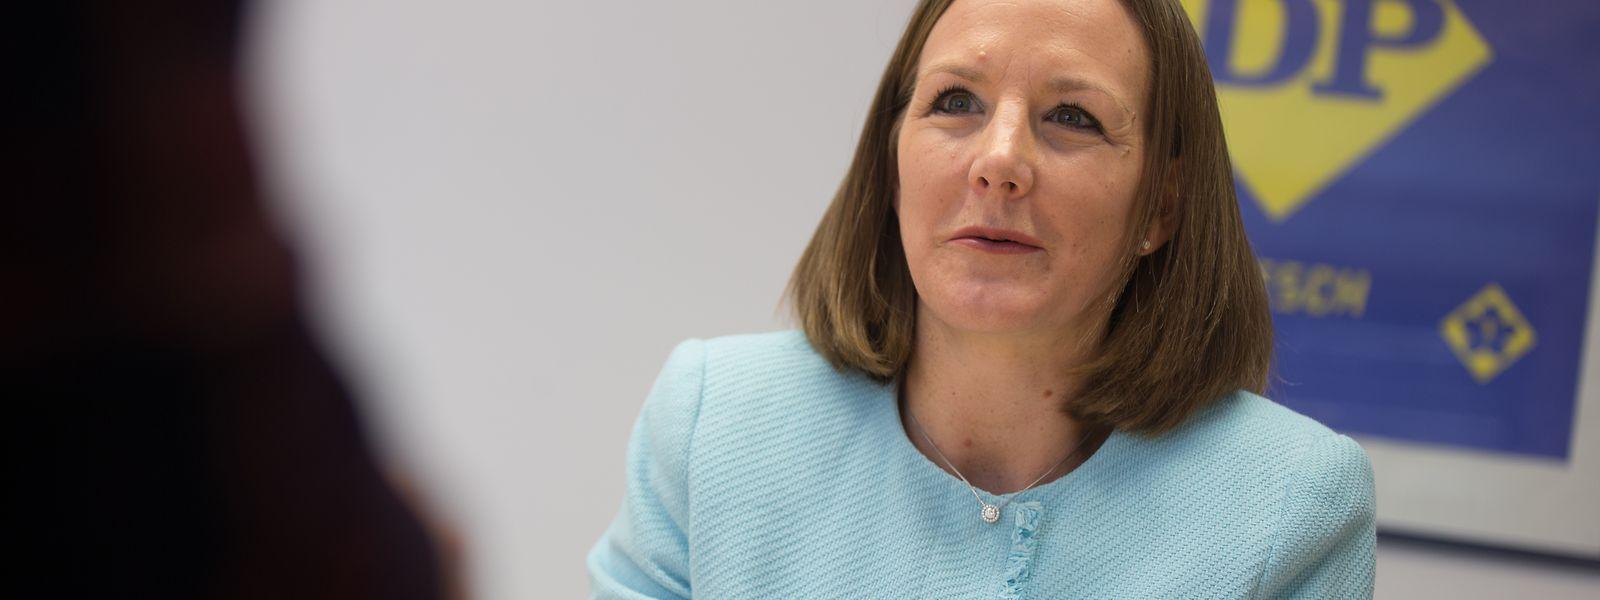 Joëlle Elvinger von der DP soll die Nachfolge von Henri Grethen beim Europäischen Rechnungshof antreten.